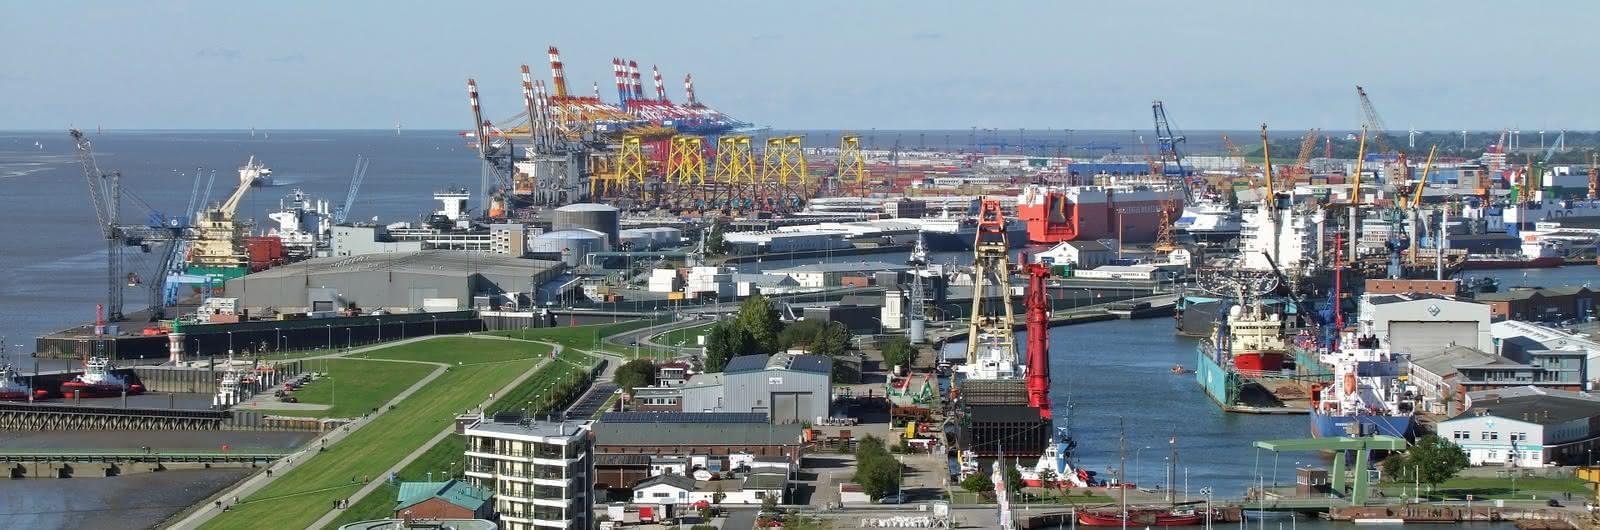 Car Hire in Bremerhaven | Great Deals | SIXT rent a car